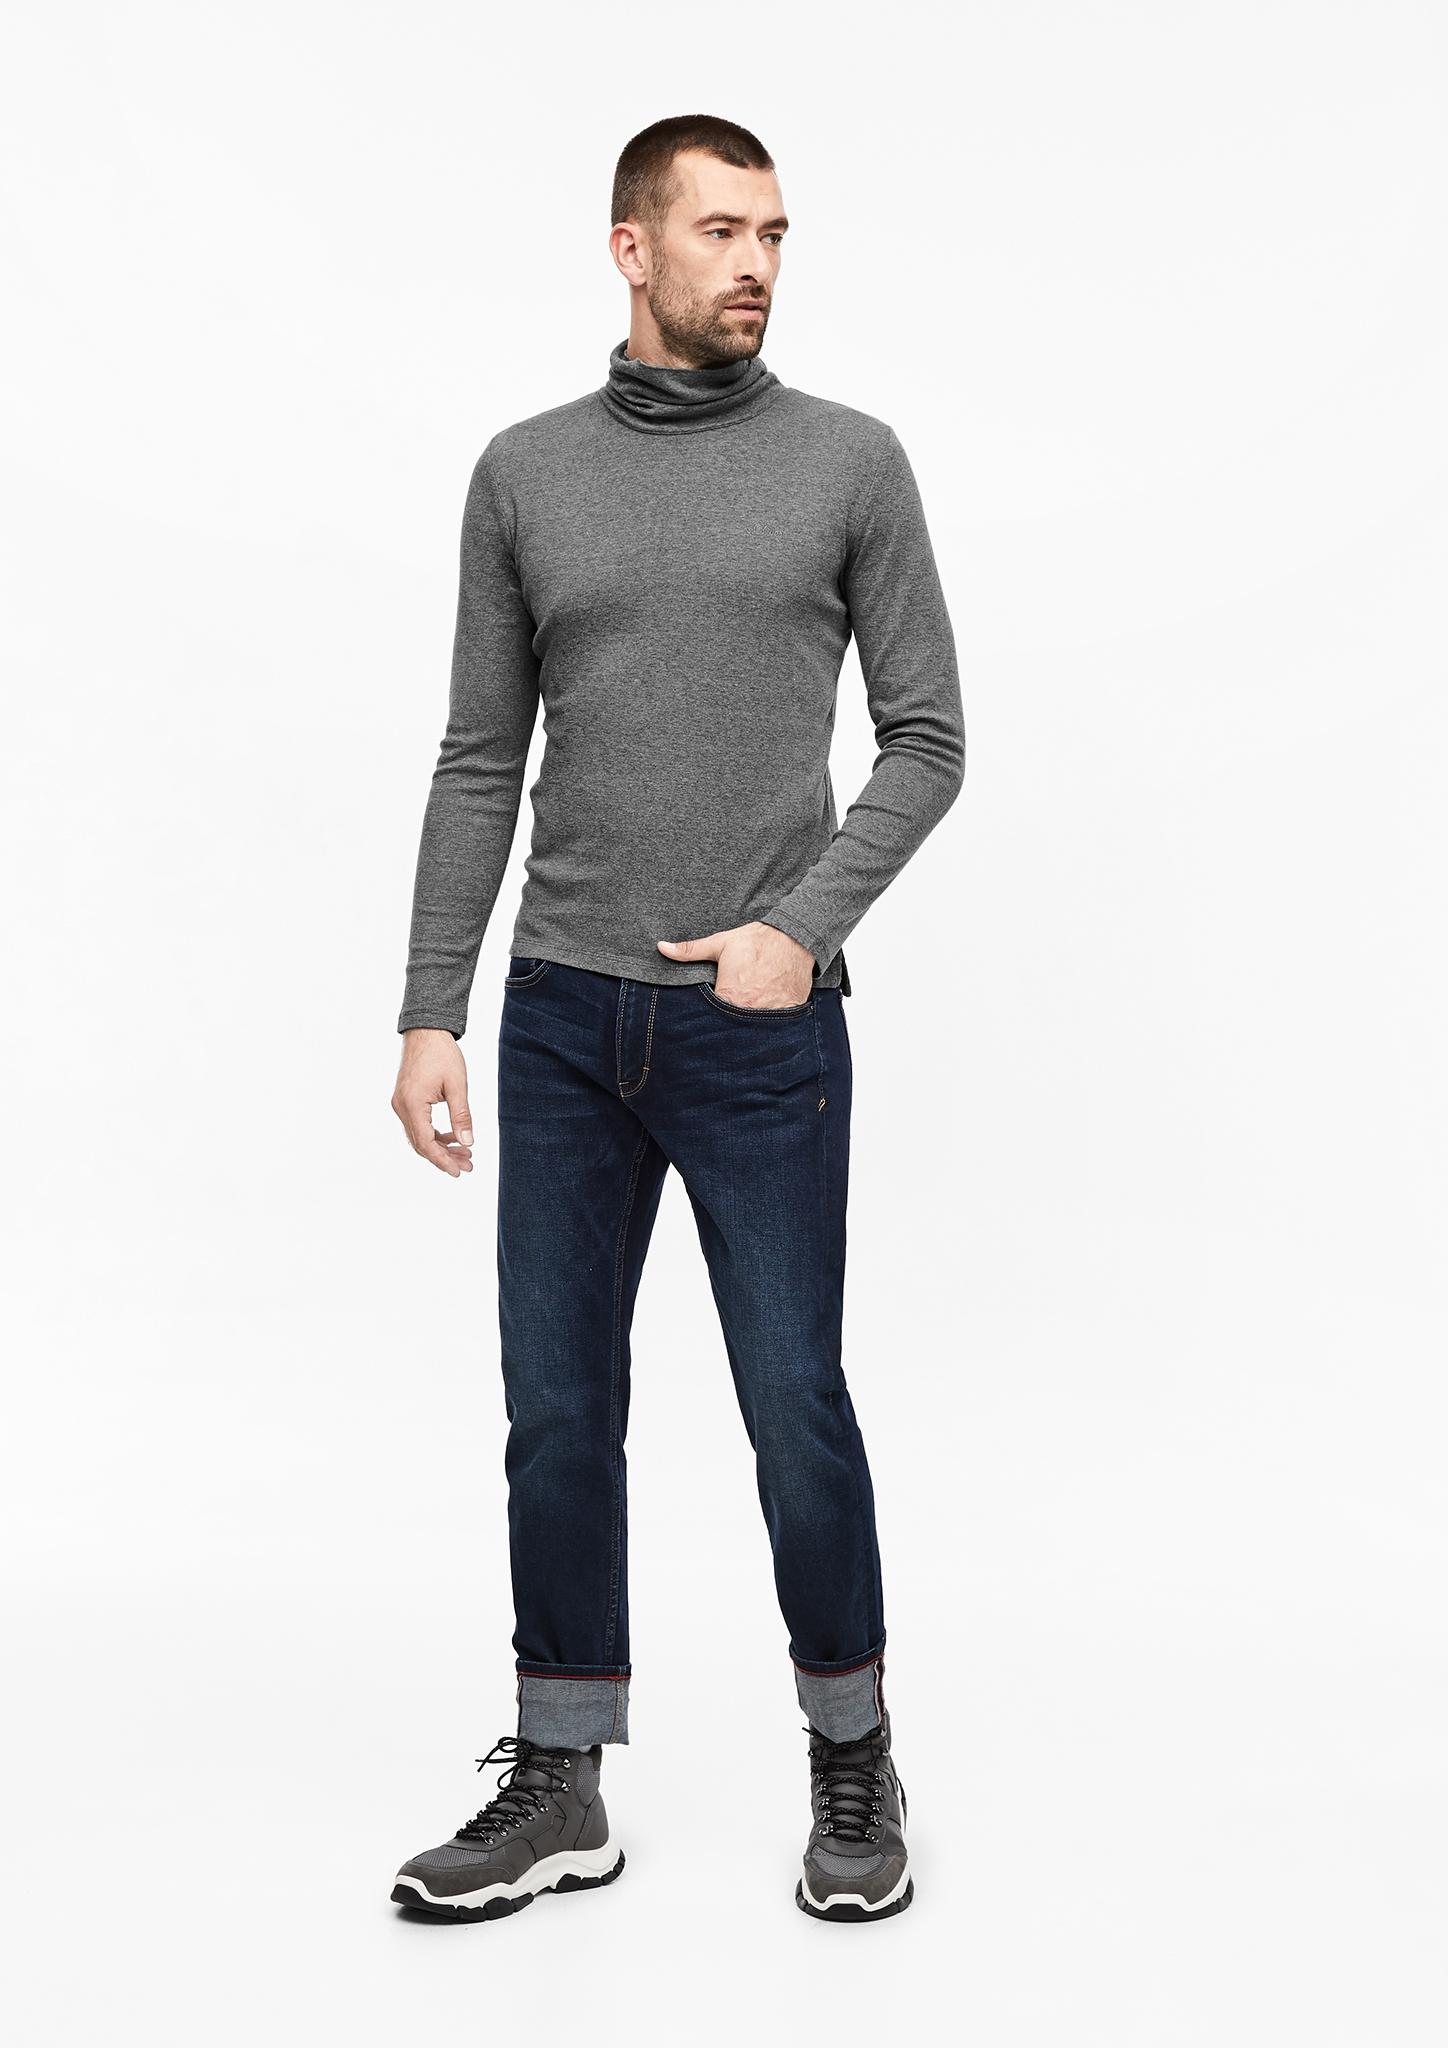 s-Oliver-Casual-Men-Langarmshirt-mit-Rollkragen-Neu Indexbild 3